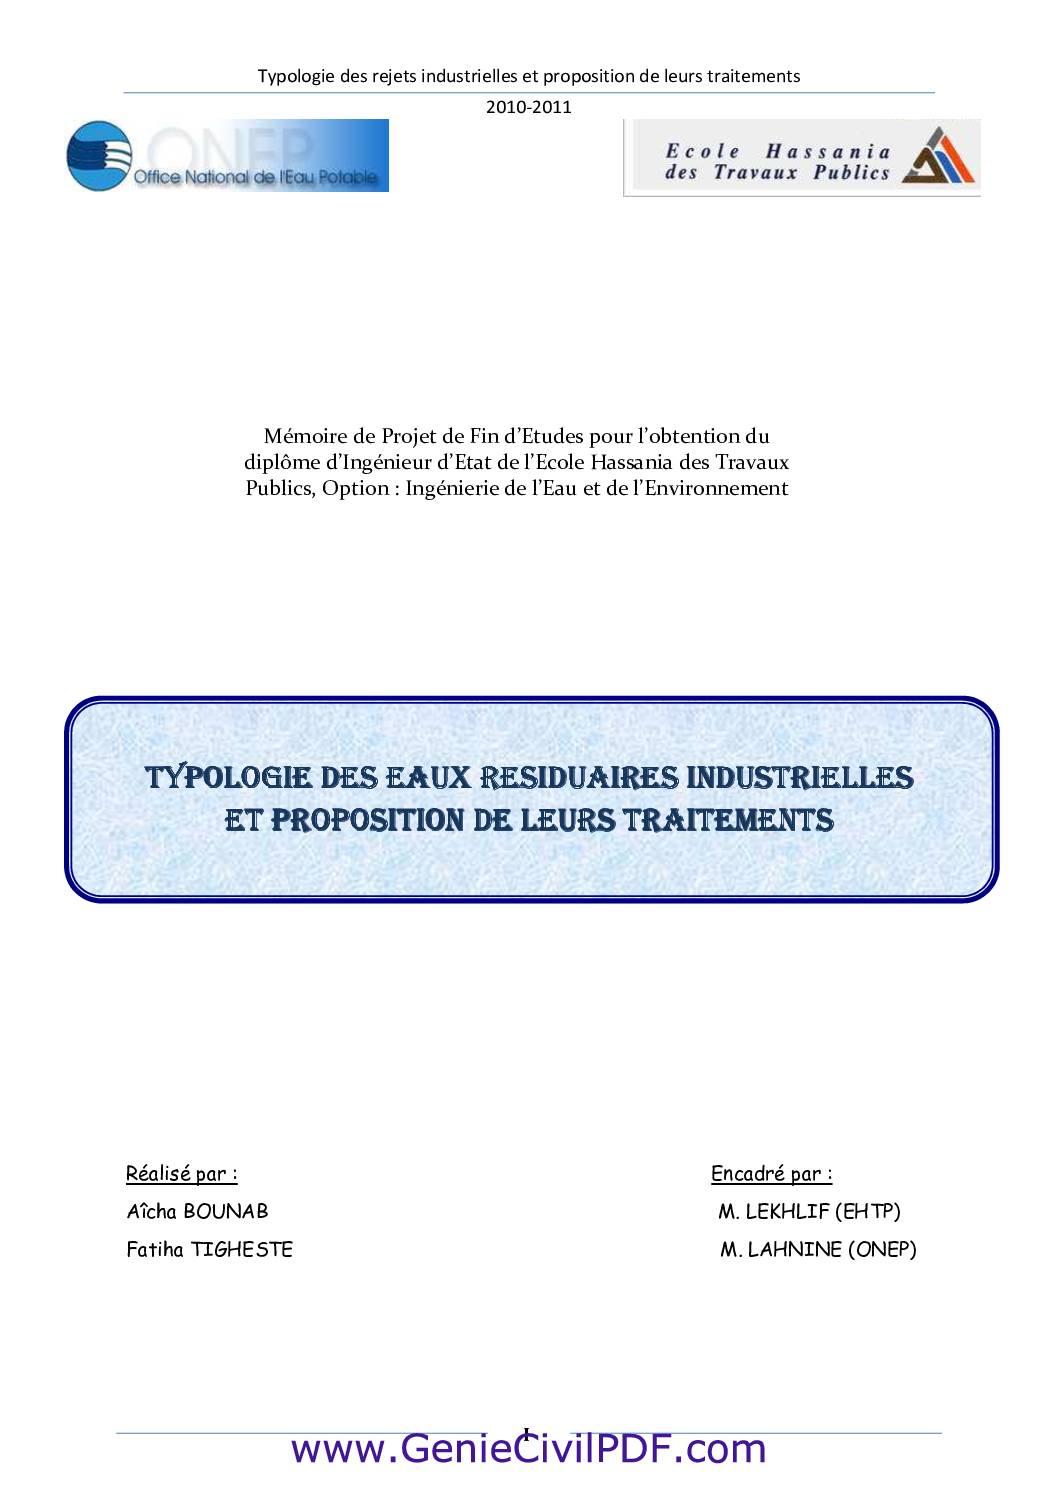 Typologie des rejets industrielles et proposition de leurs traitements